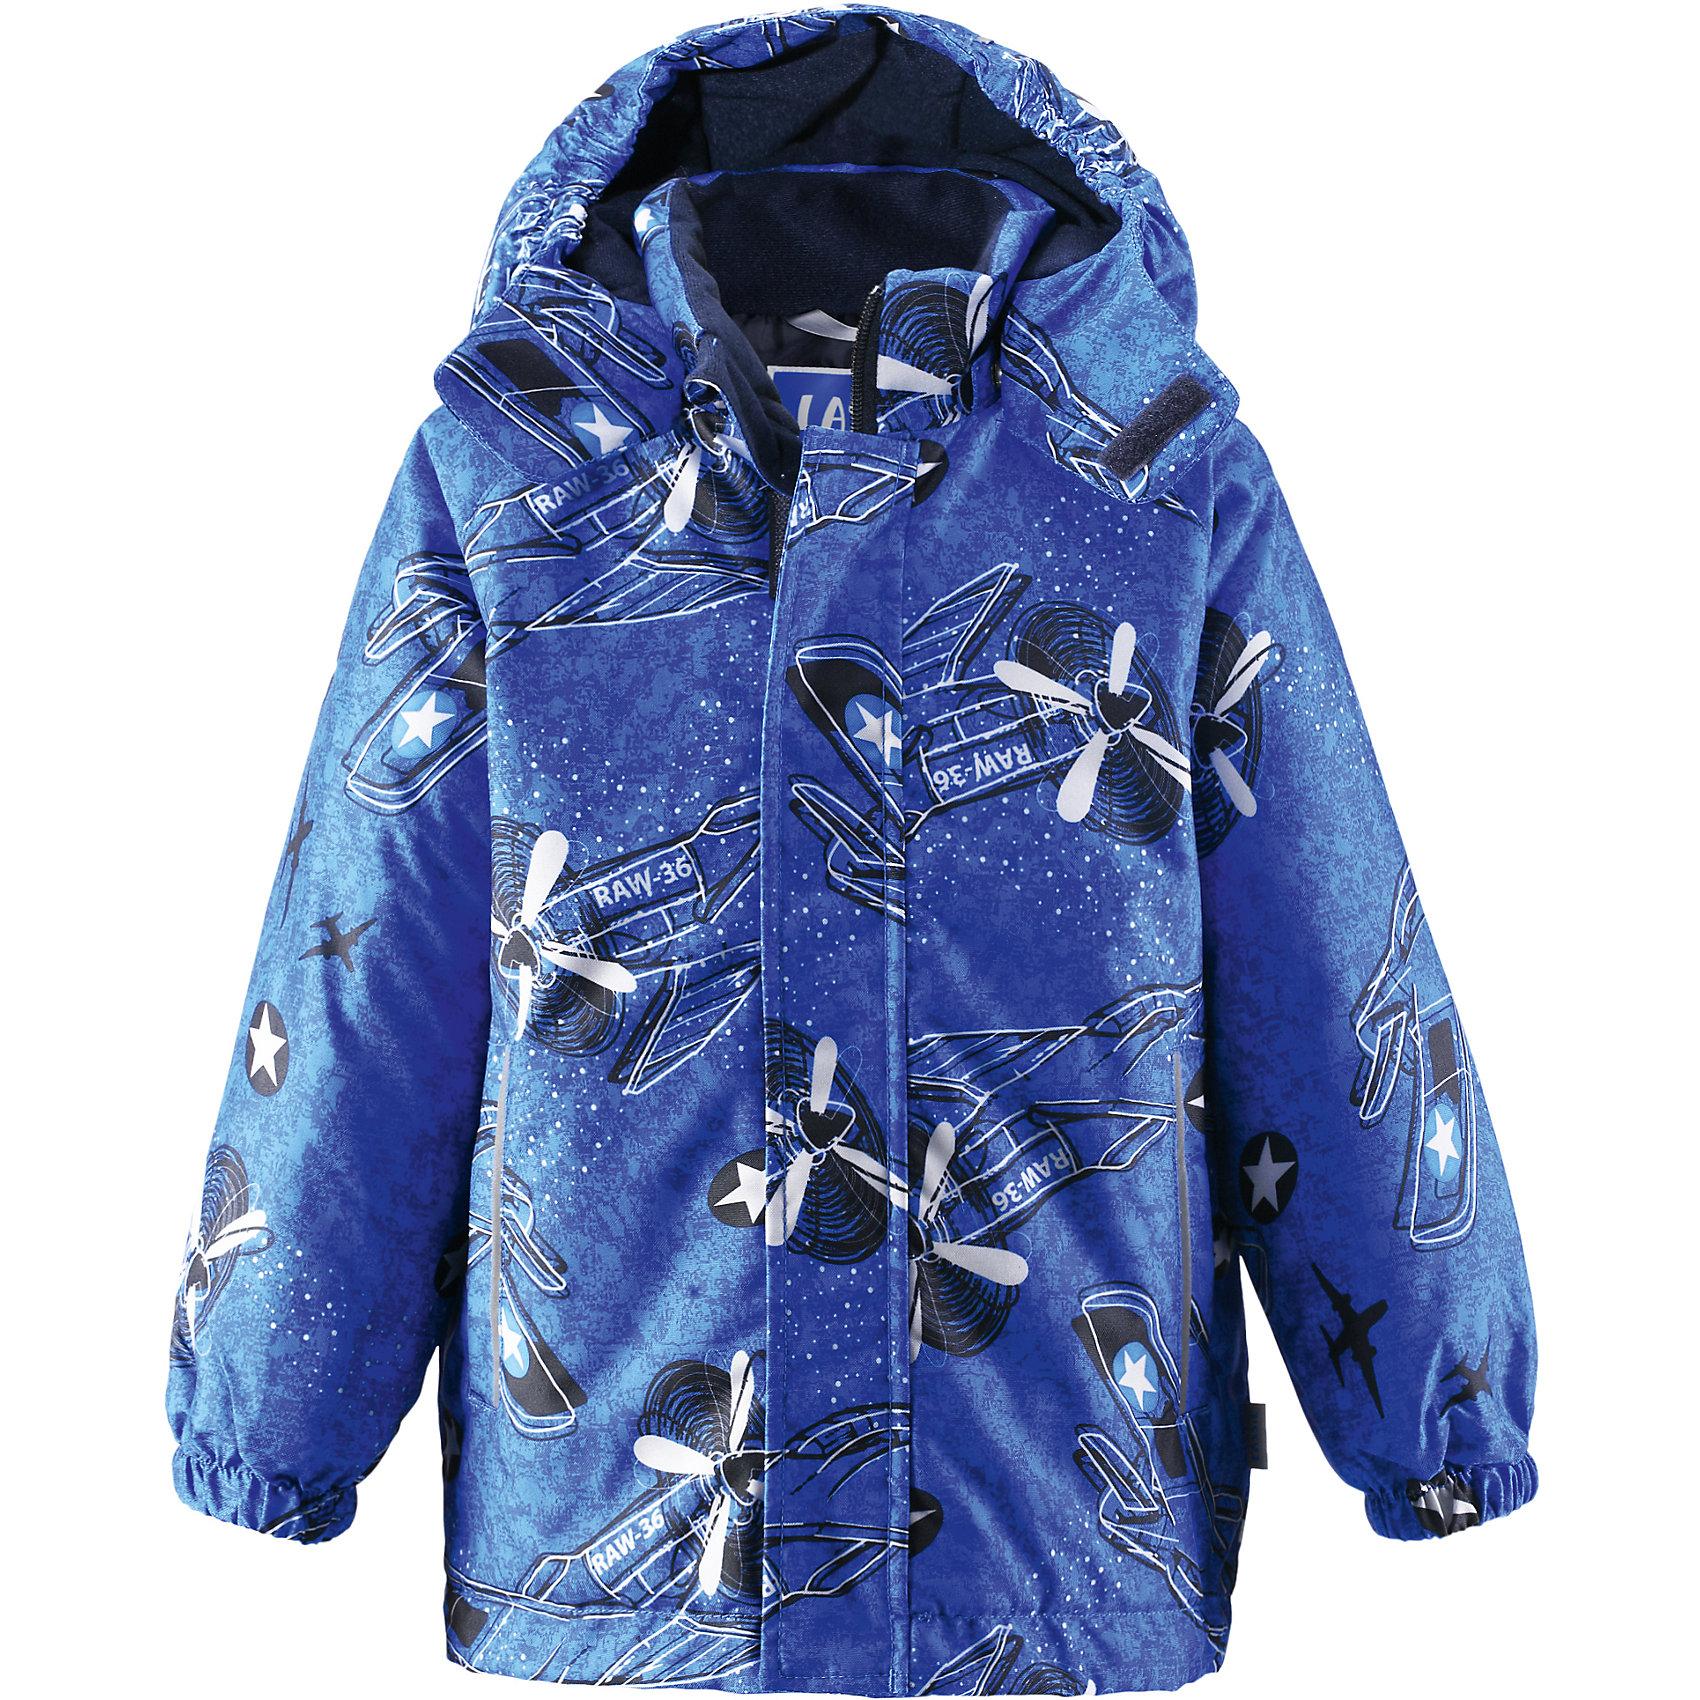 Куртка для мальчика LASSIE by ReimaЗимняя куртка для детей известной финской марки.<br><br>- Прочный материал. Водоотталкивающий, ветронепроницаемый, «дышащий» и грязеотталкивающий материал. <br>- Крой для девочек. <br>- Гладкая подкладка из полиэстра.<br>- Средняя степень утепления.<br>-  Безопасный, съемный капюшон. <br>- Эластичные манжеты. Карманы в боковых швах.<br>-  Принт по всей поверхности.  <br><br>Рекомендации по уходу: Стирать по отдельности, вывернув наизнанку. Застегнуть молнии и липучки. Соблюдать температуру в соответствии с руководством по уходу. Стирать моющим средством, не содержащим отбеливающие вещества. Полоскать без специального средства. Сушение в сушильном шкафу разрешено при  низкой температуре.<br><br>Состав: 100% Полиамид, полиуретановое покрытие.  Утеплитель «Lassie wadding» 180гр.<br><br>Ширина мм: 356<br>Глубина мм: 10<br>Высота мм: 245<br>Вес г: 519<br>Цвет: синий<br>Возраст от месяцев: 96<br>Возраст до месяцев: 108<br>Пол: Мужской<br>Возраст: Детский<br>Размер: 134,140,128,122,116,110,104,98,92<br>SKU: 4782288